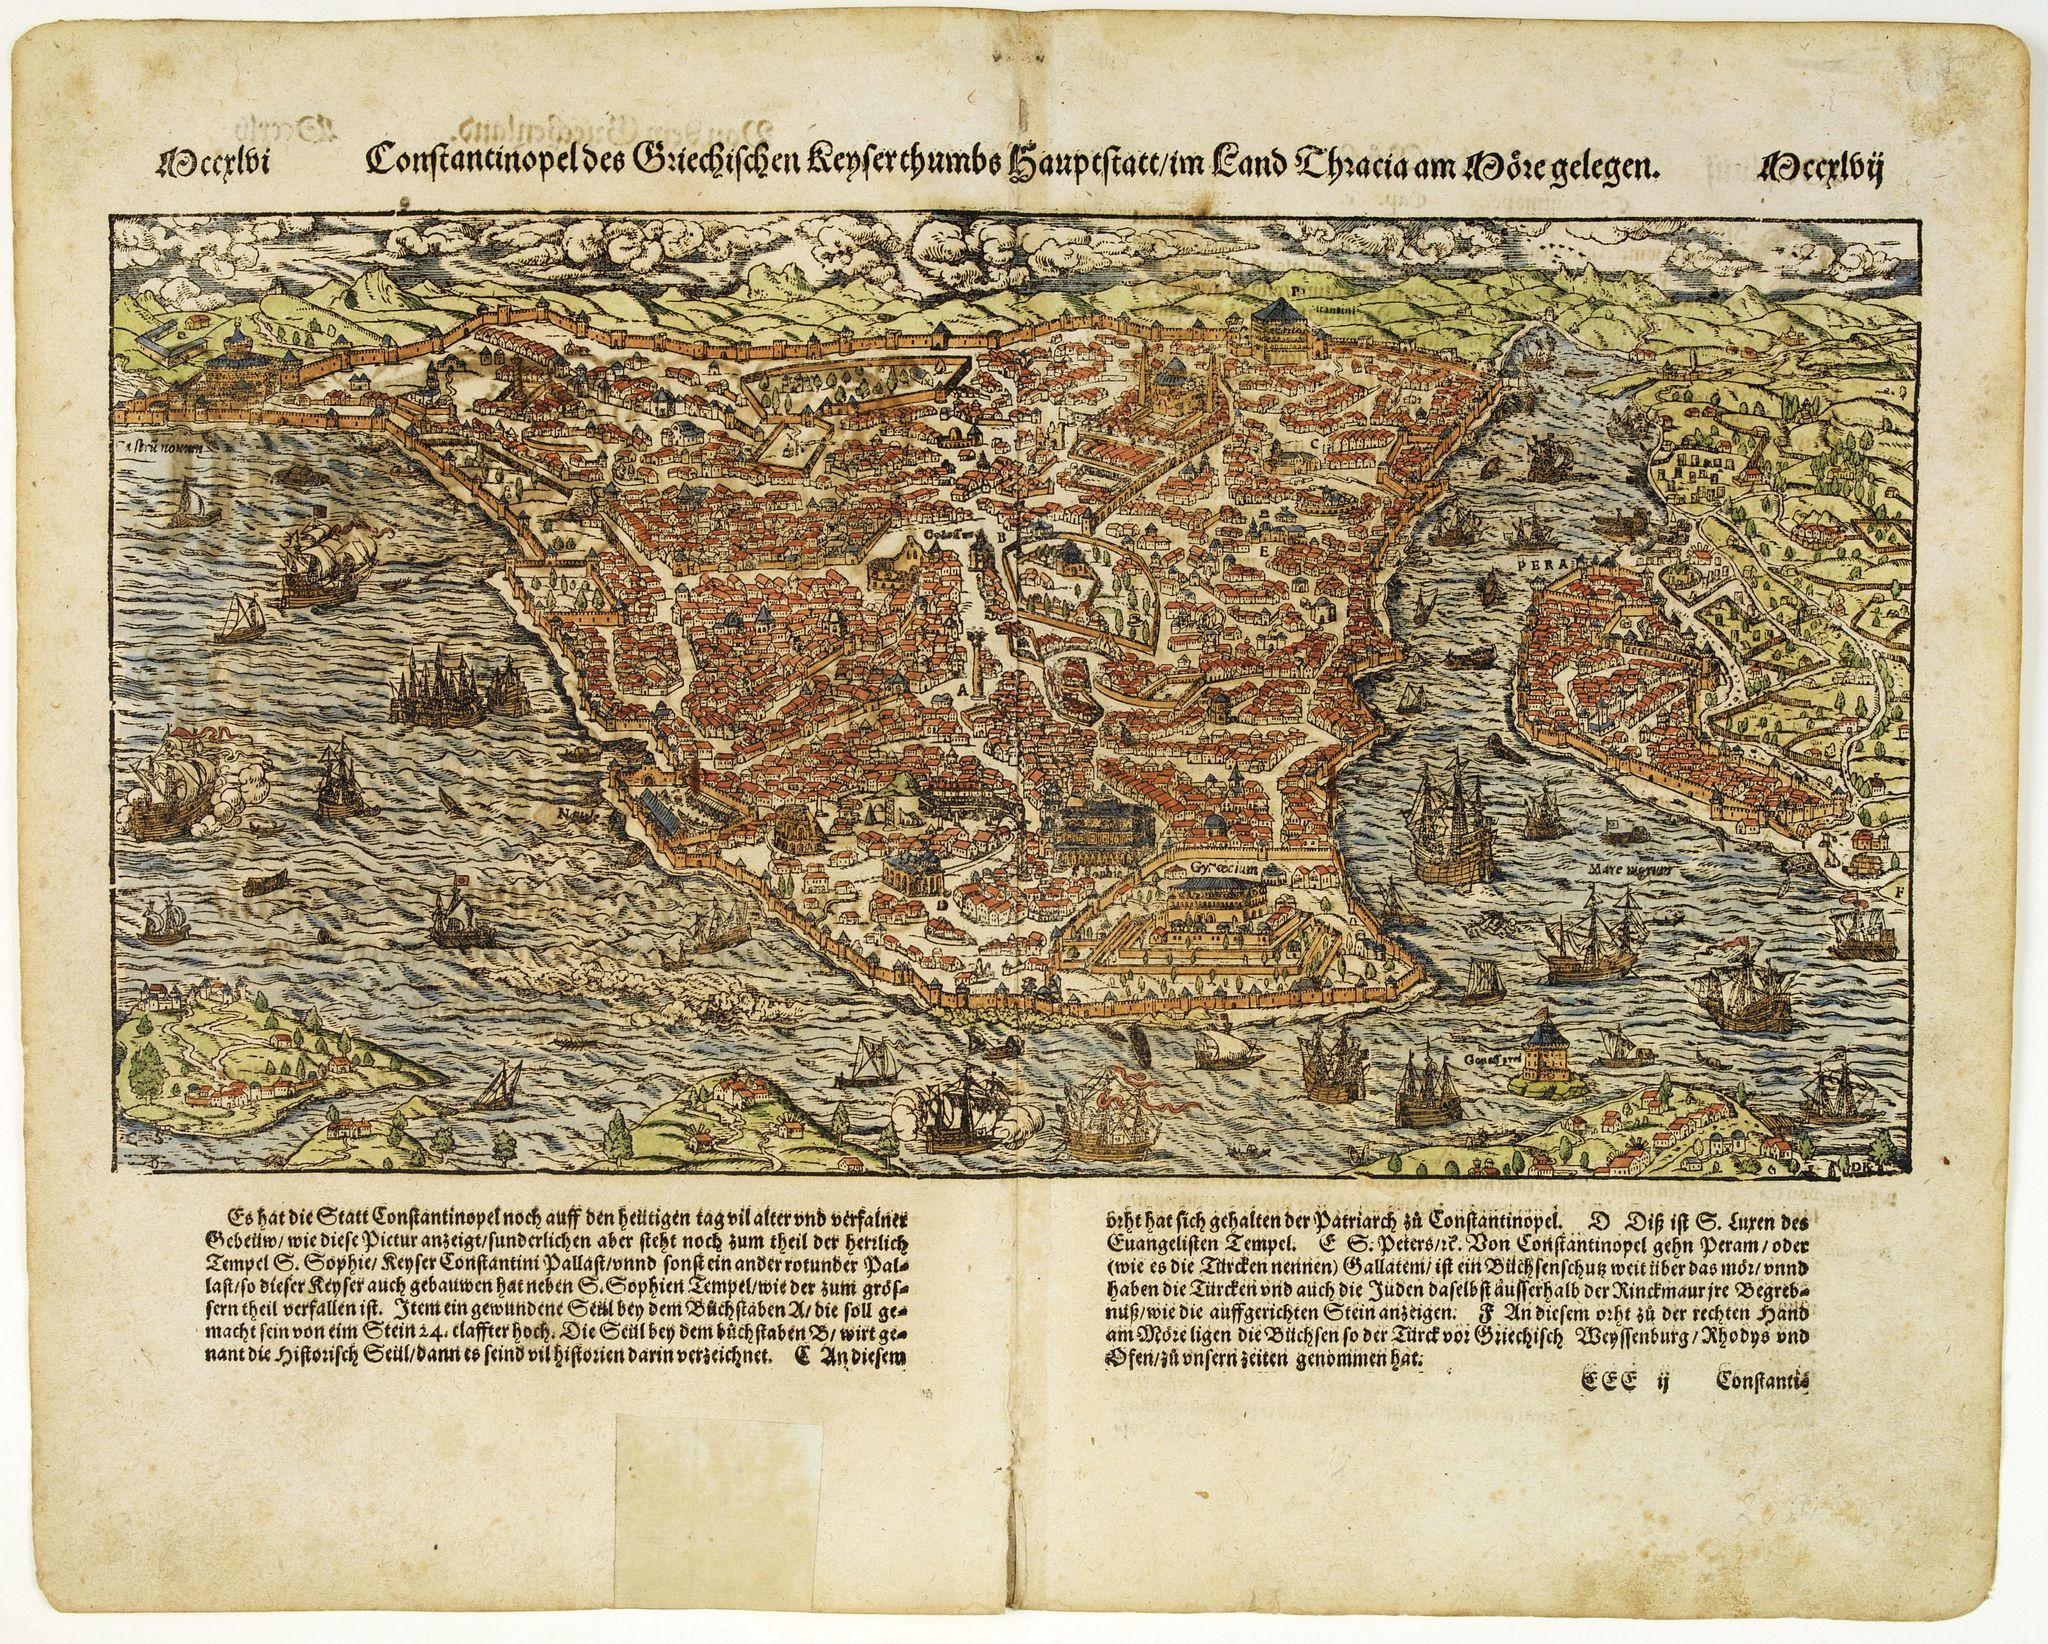 MÜNSTER, S. -  Constantinopel des Griechischen Keijserthumbs Hauptstatt  im Lande Thracia am Meere gelegen.